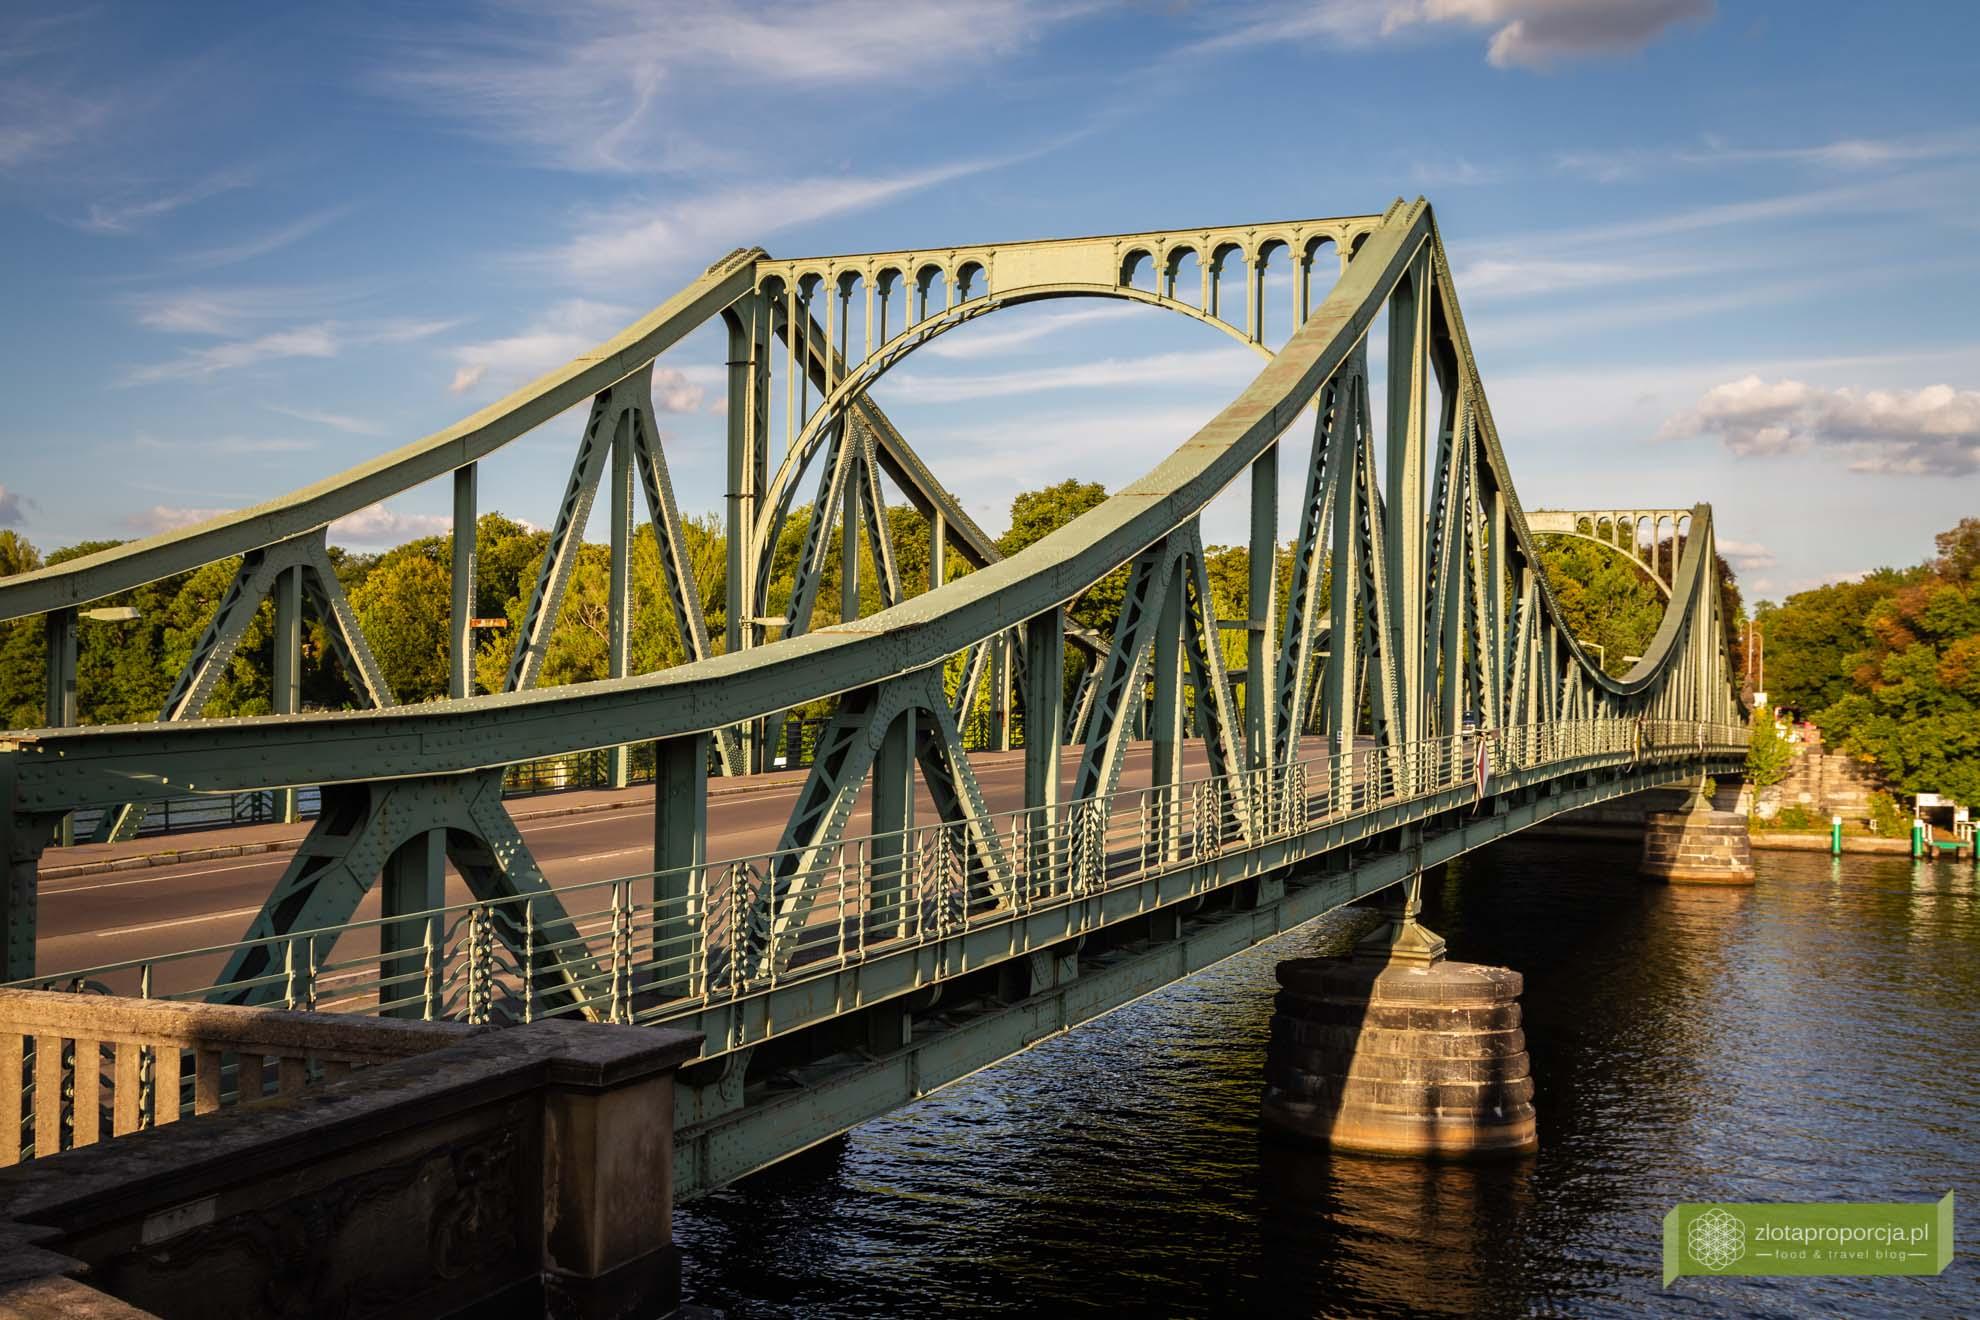 Poczdam, atrakcje Poczdamu, Brandenburgia, atrakcje Brandenburgii; Glienicker Brücke; Most Szpiegów; Poczdam most;